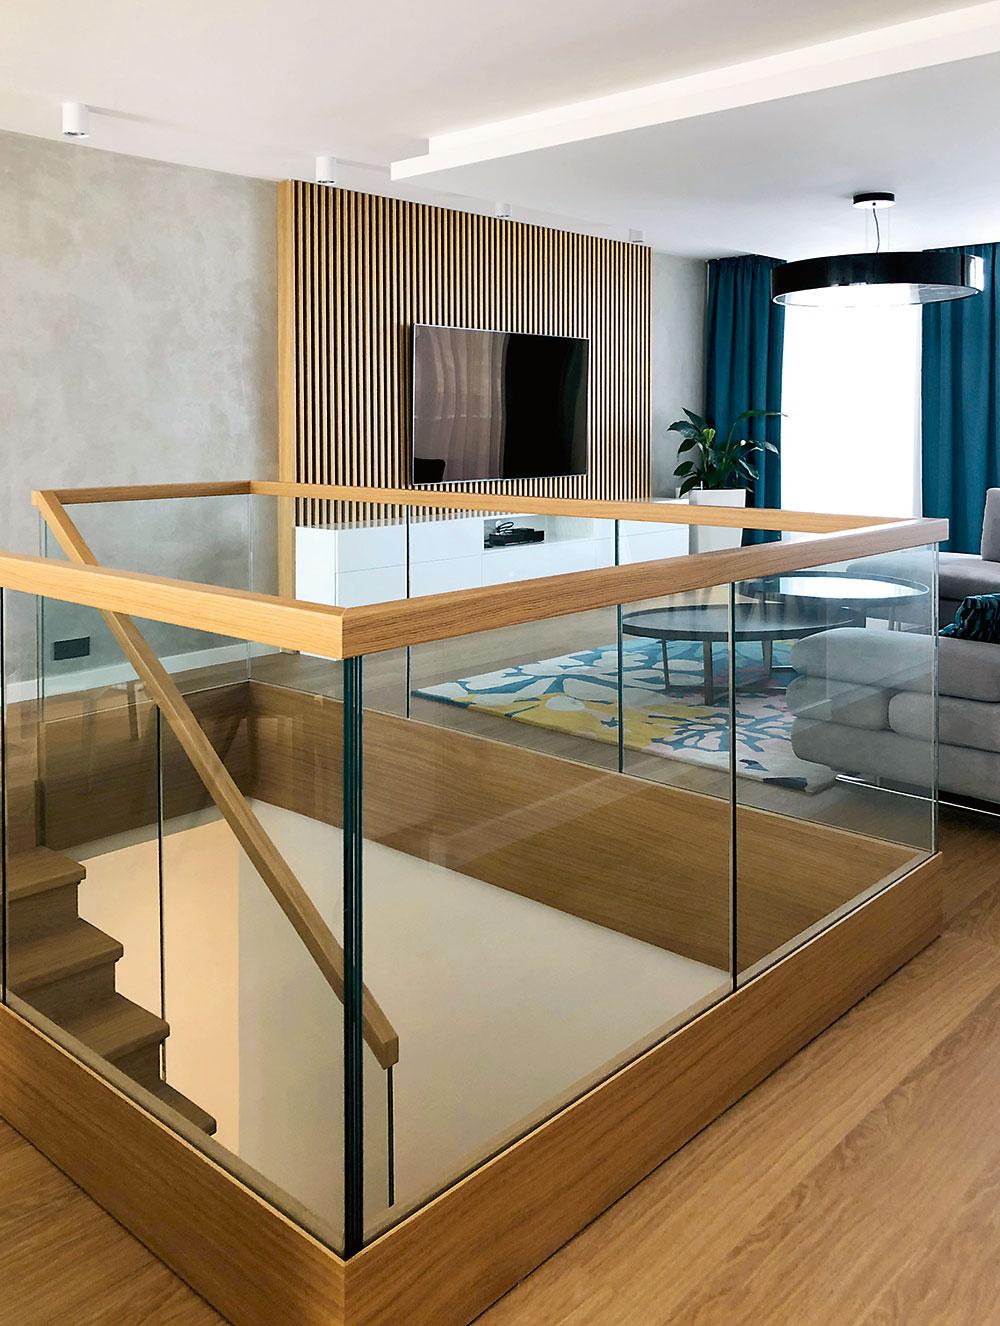 Schodisko, nachádzajúce sa vstrede dispozície bytu, je na vrchnom podlaží obložené sklom